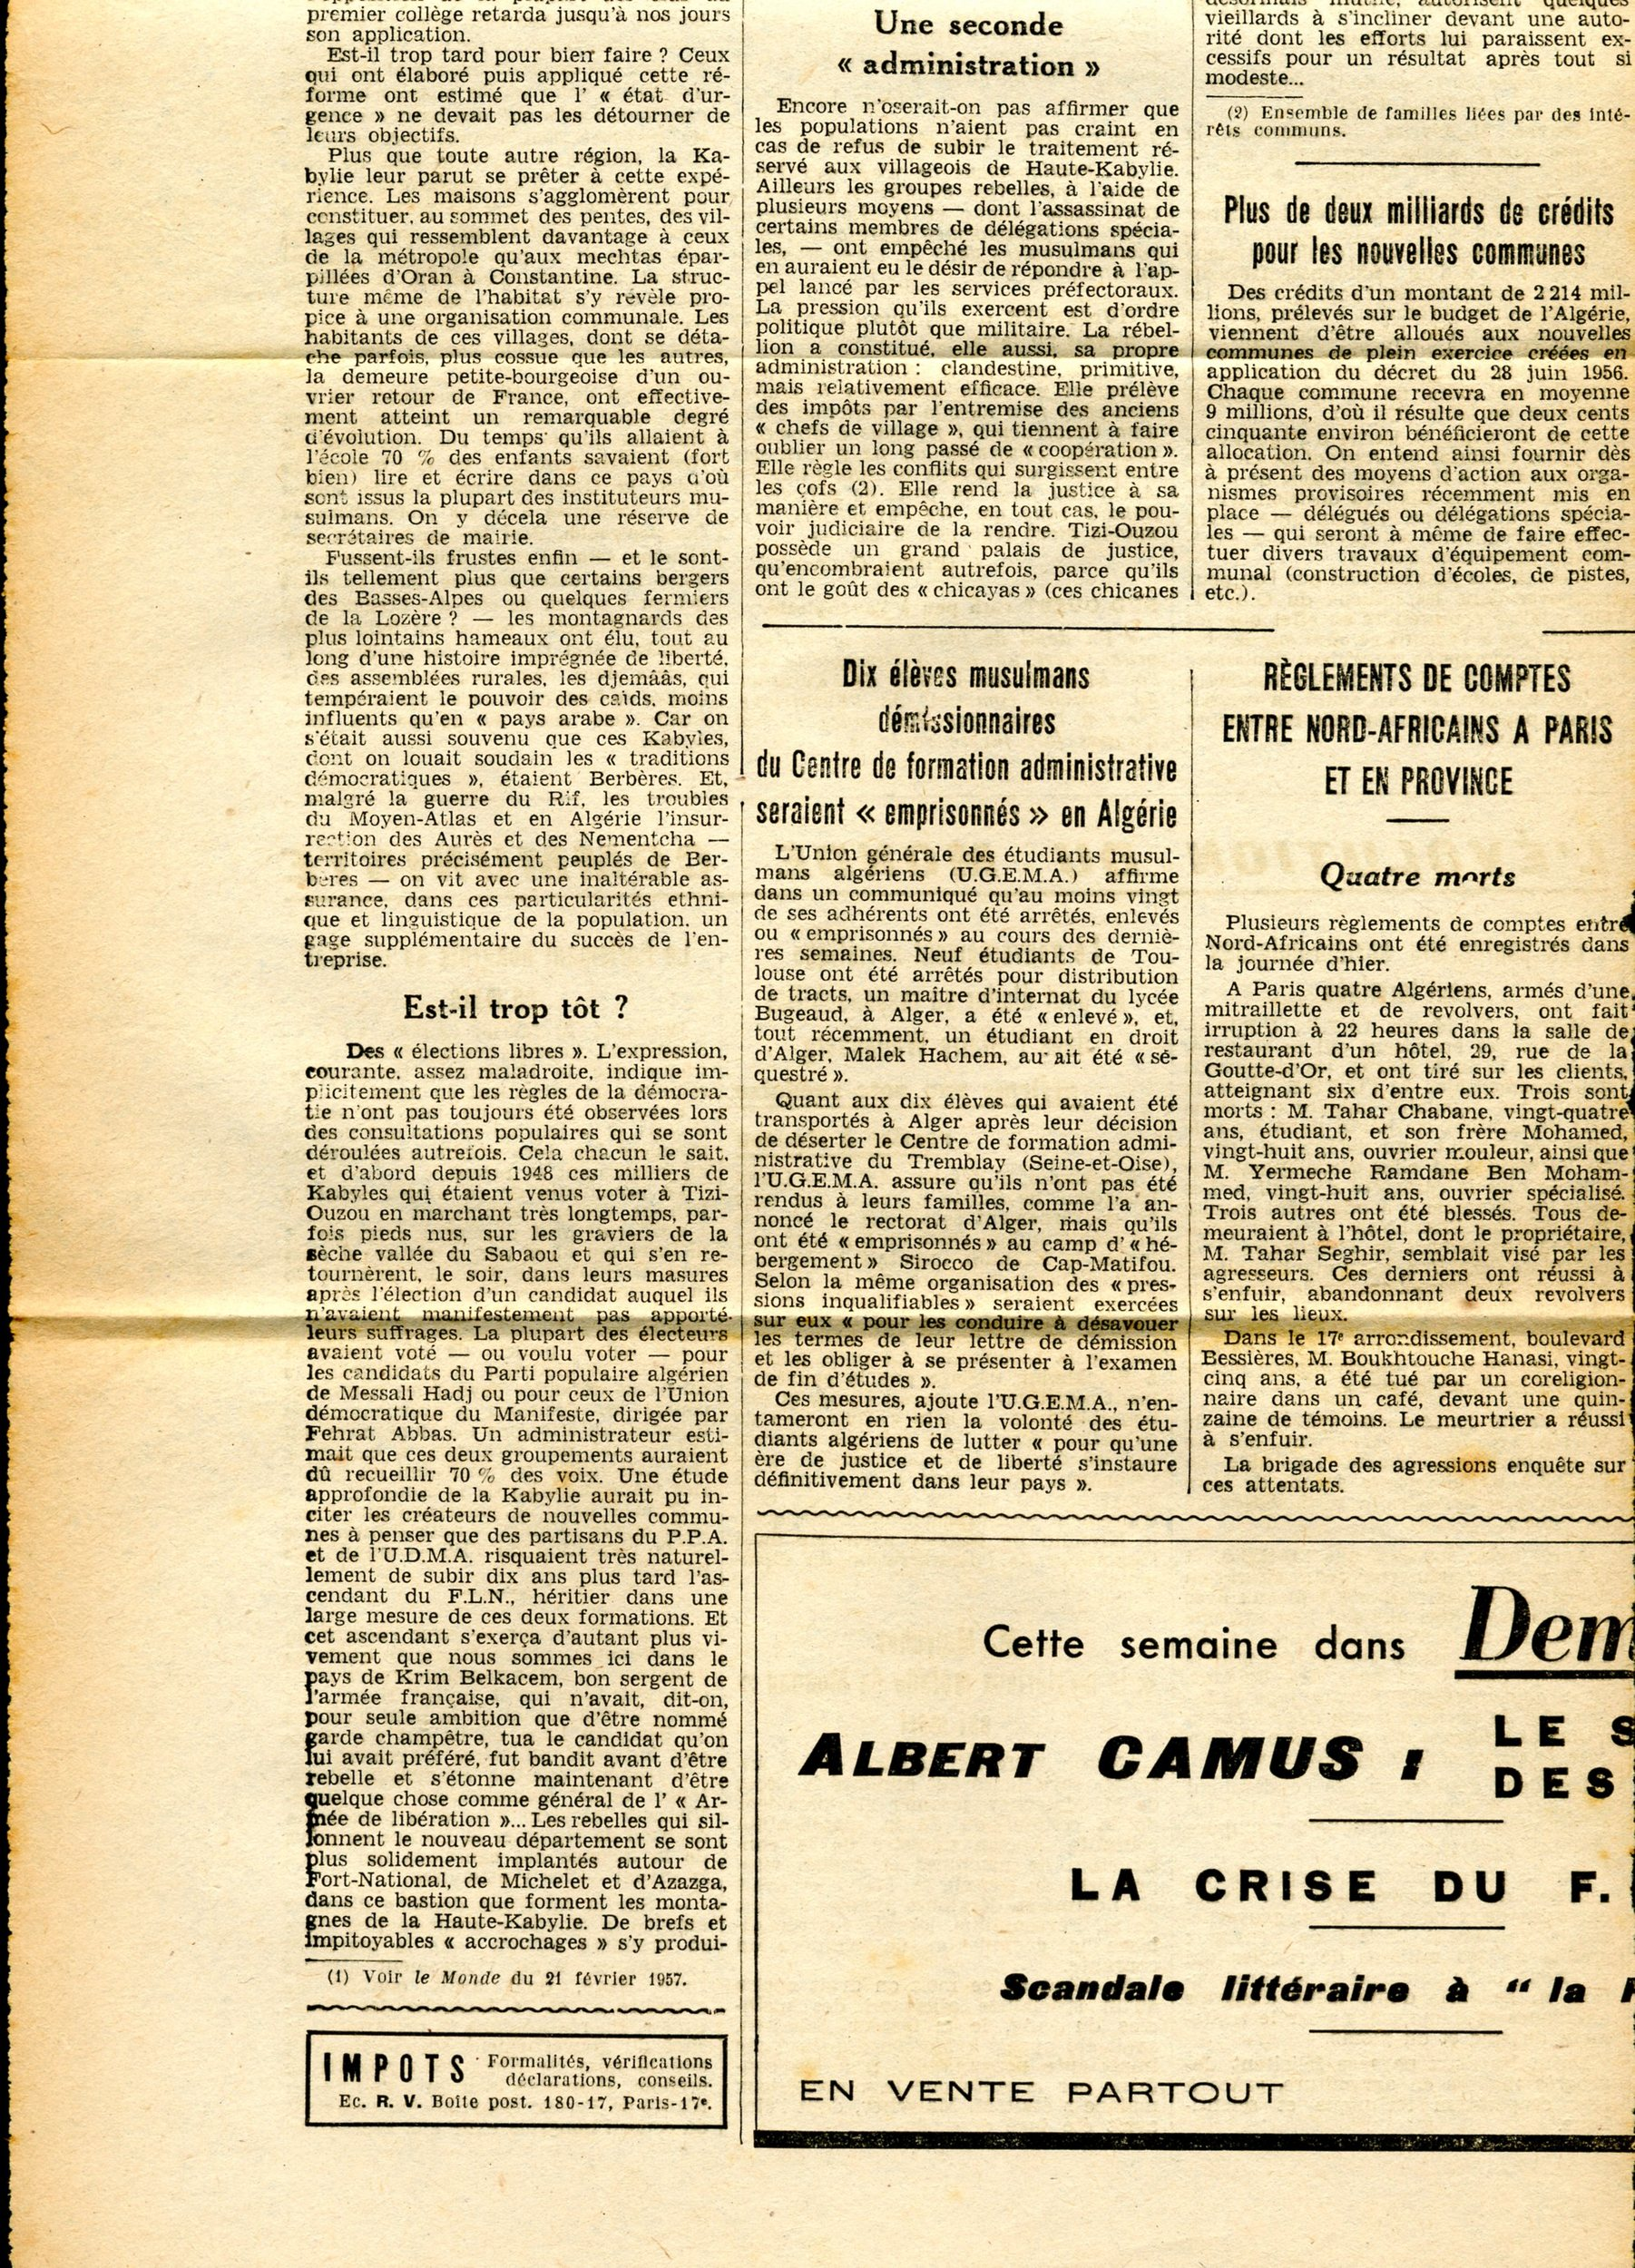 REC_MAN_JOUR10_journal le monde du 22 fev 1957 (suite).jpg